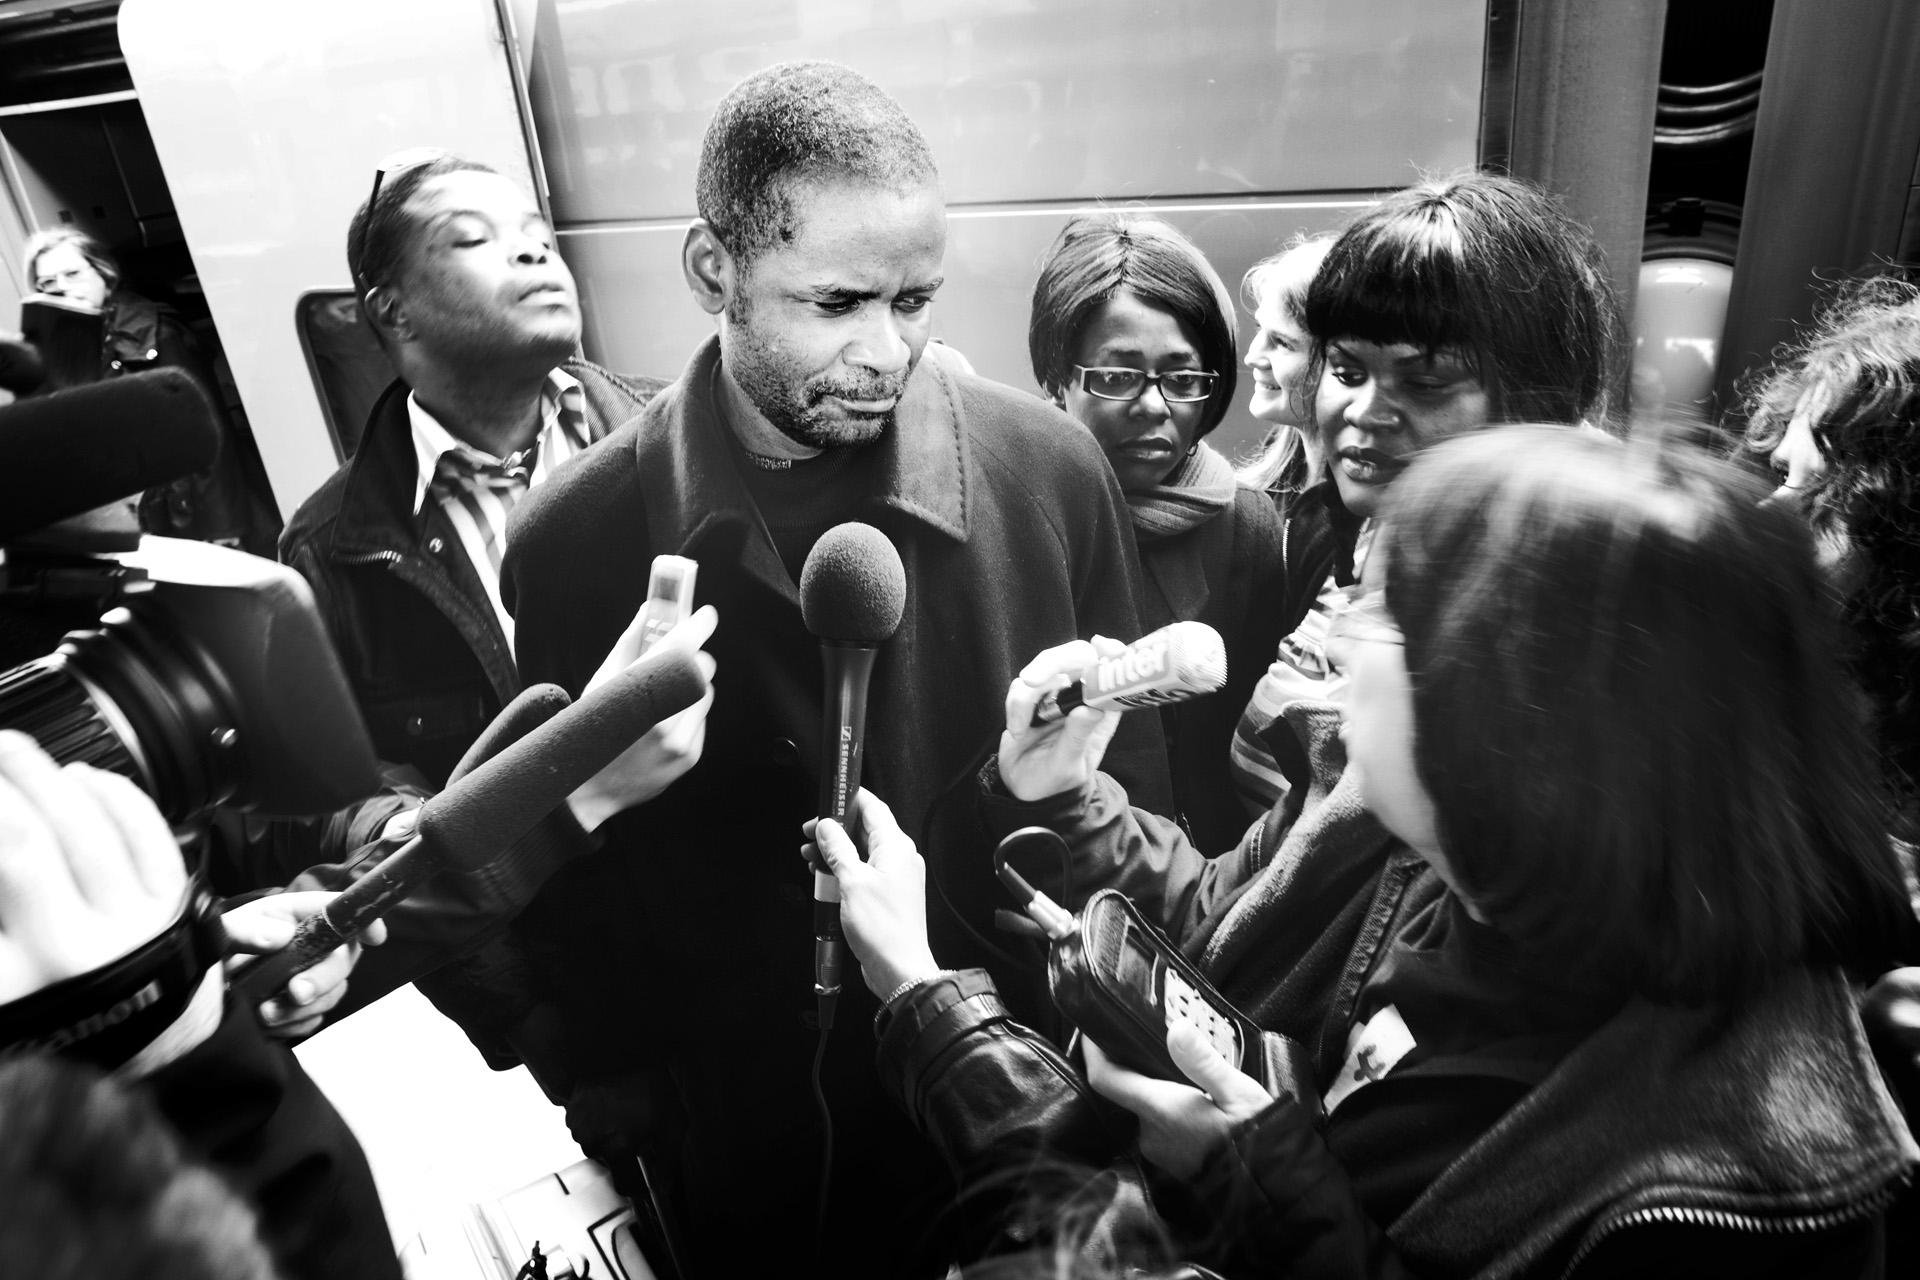 Lyon, le 9 avril 2010. De retour à Lyon, Guilherme répond aux médias. Ses premiers mots iront au préfet Jacques Gérault, qu'il remercie pour avoir fait de lui à nouveau un homme libre. Malgré ses propos loin de toute polémique, Le Progrès titrera le lendemain : « Le sans-papiers qui défie l'État ».